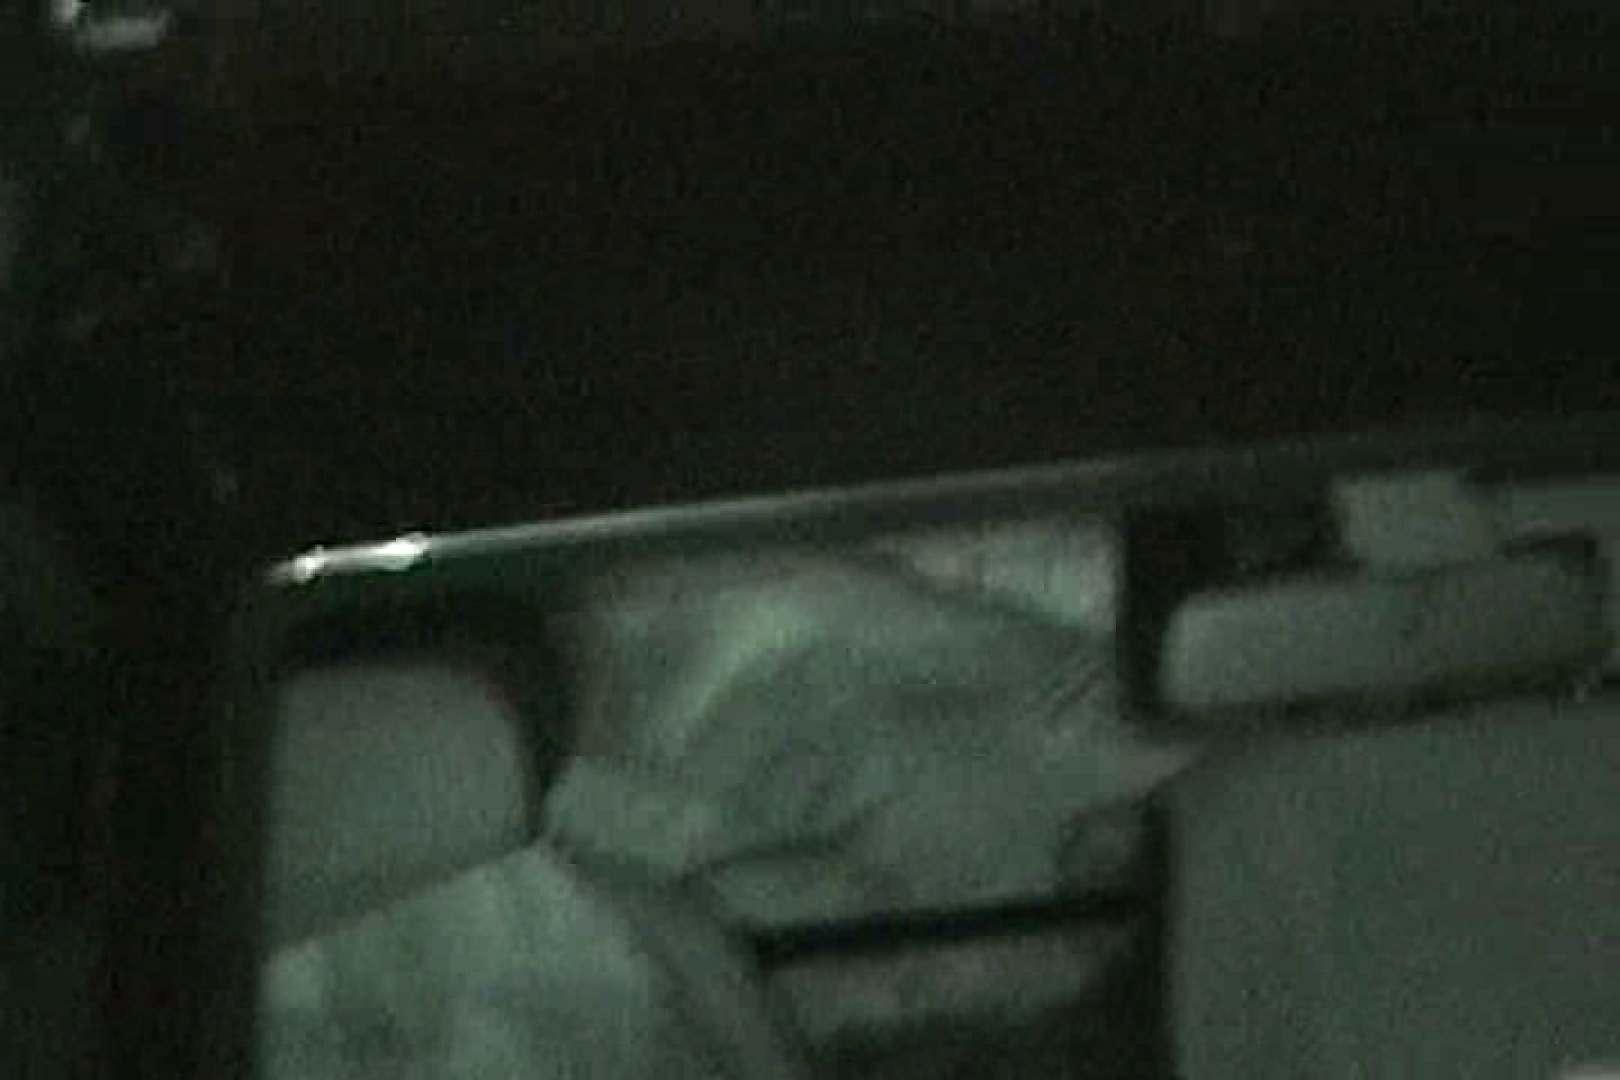 車の中はラブホテル 無修正版  Vol.8 人気シリーズ 覗きぱこり動画紹介 108PICs 13